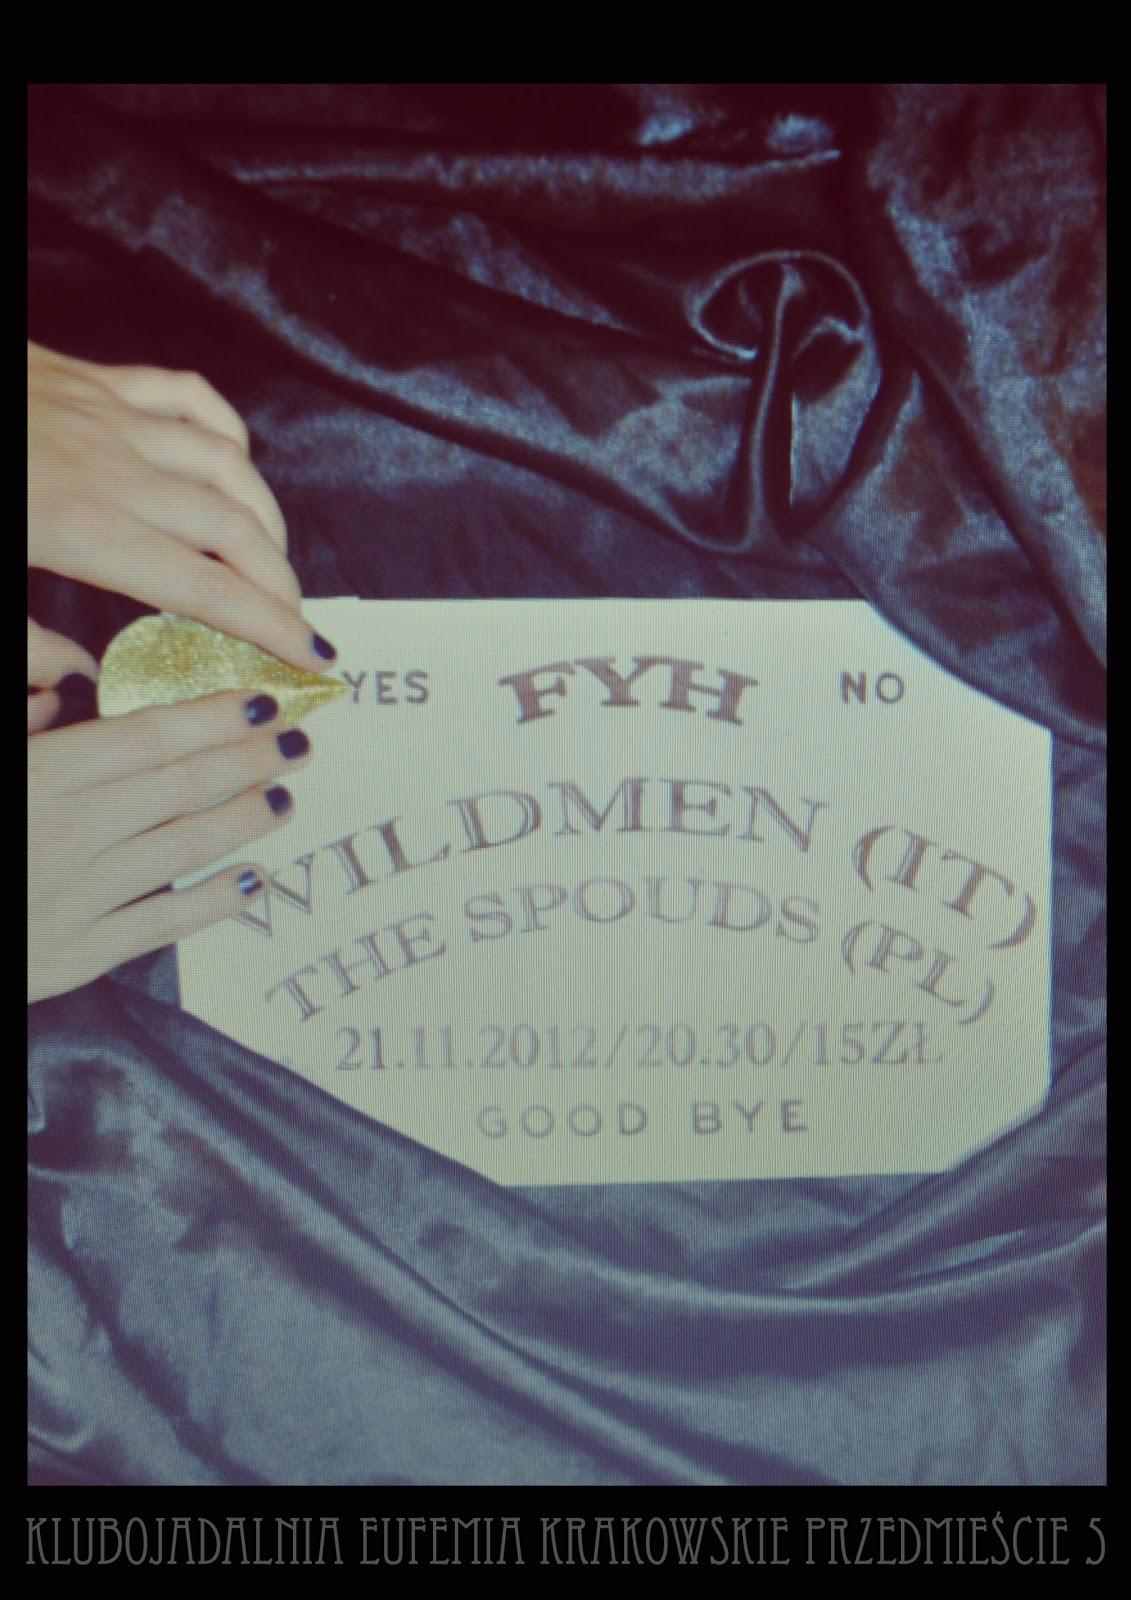 Wildmen - 20.000 $ - Goin' Away